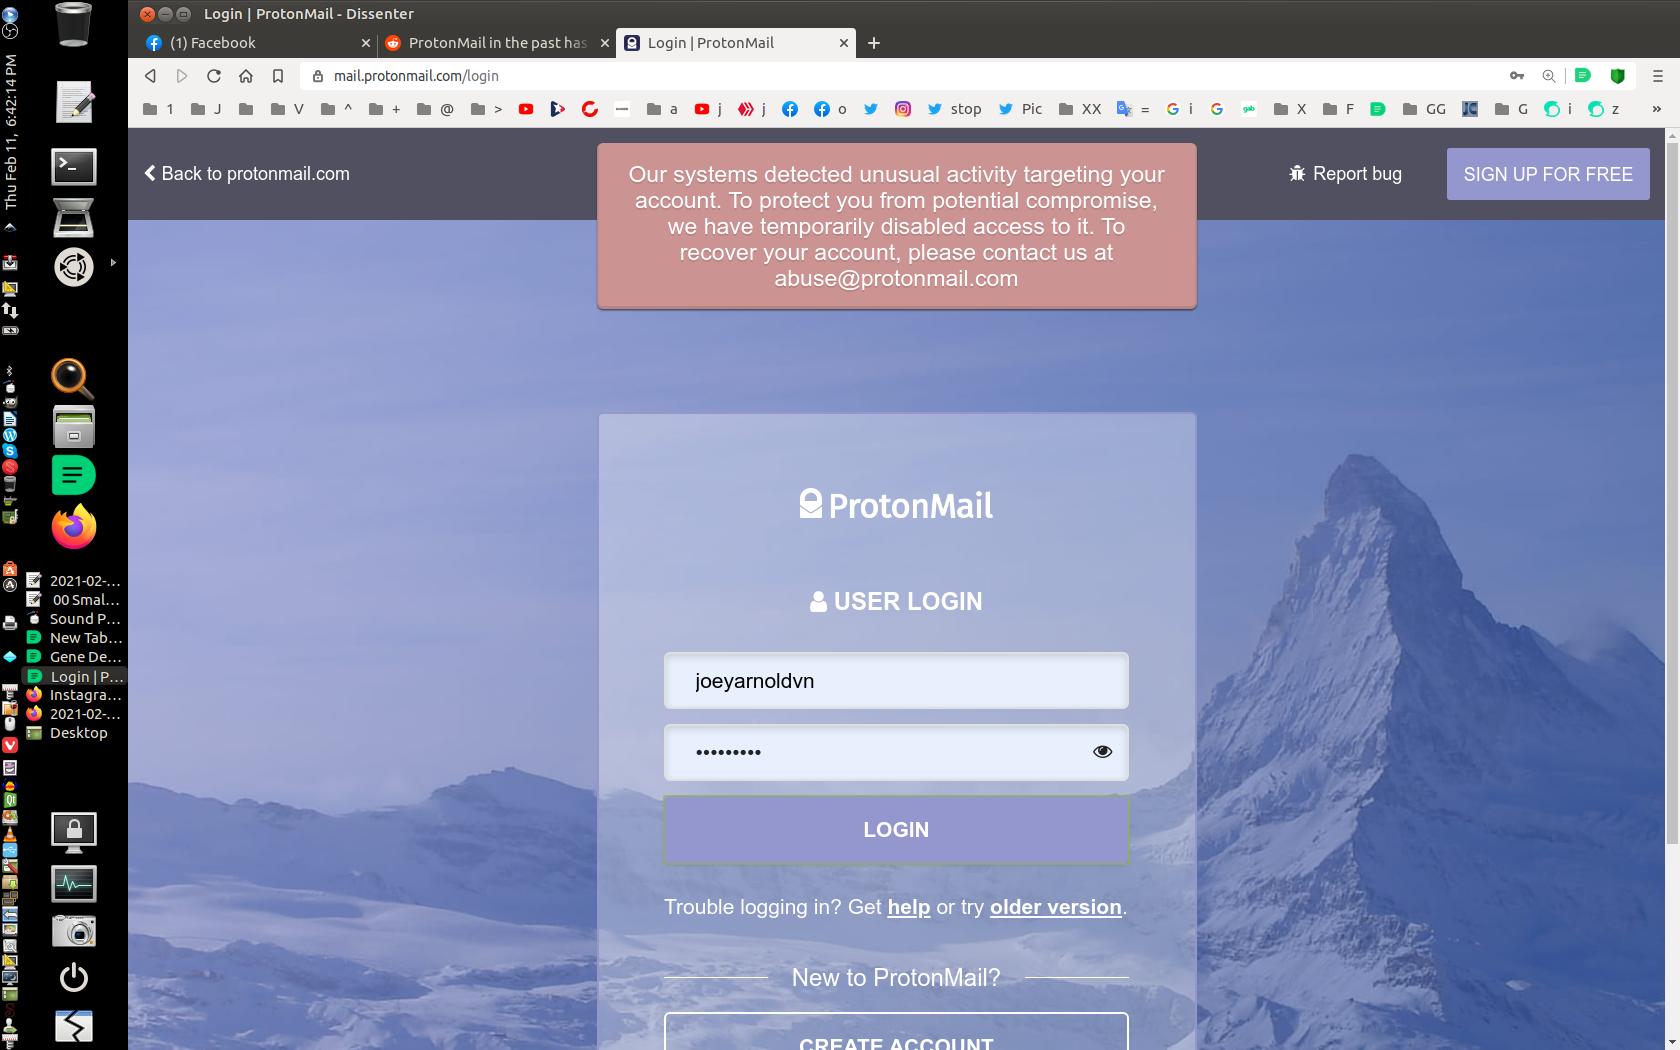 Screenshot at 2021-02-11 18:42:13 Protonmail.png